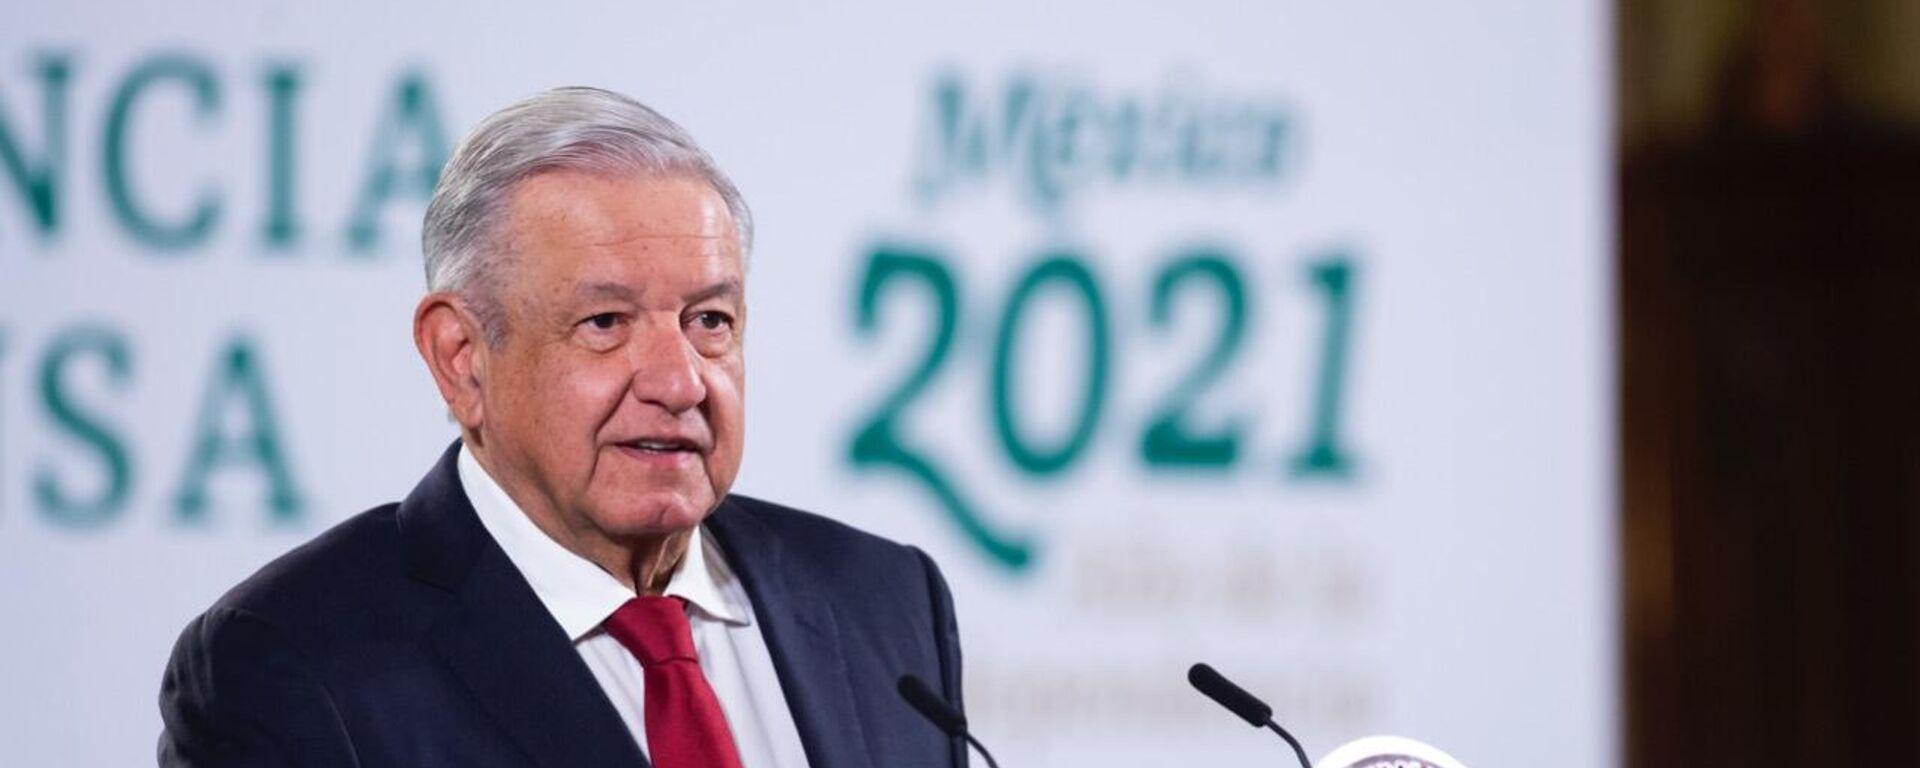 Andrés Manuel López Obrador, presidente de México - Sputnik Mundo, 1920, 08.10.2021